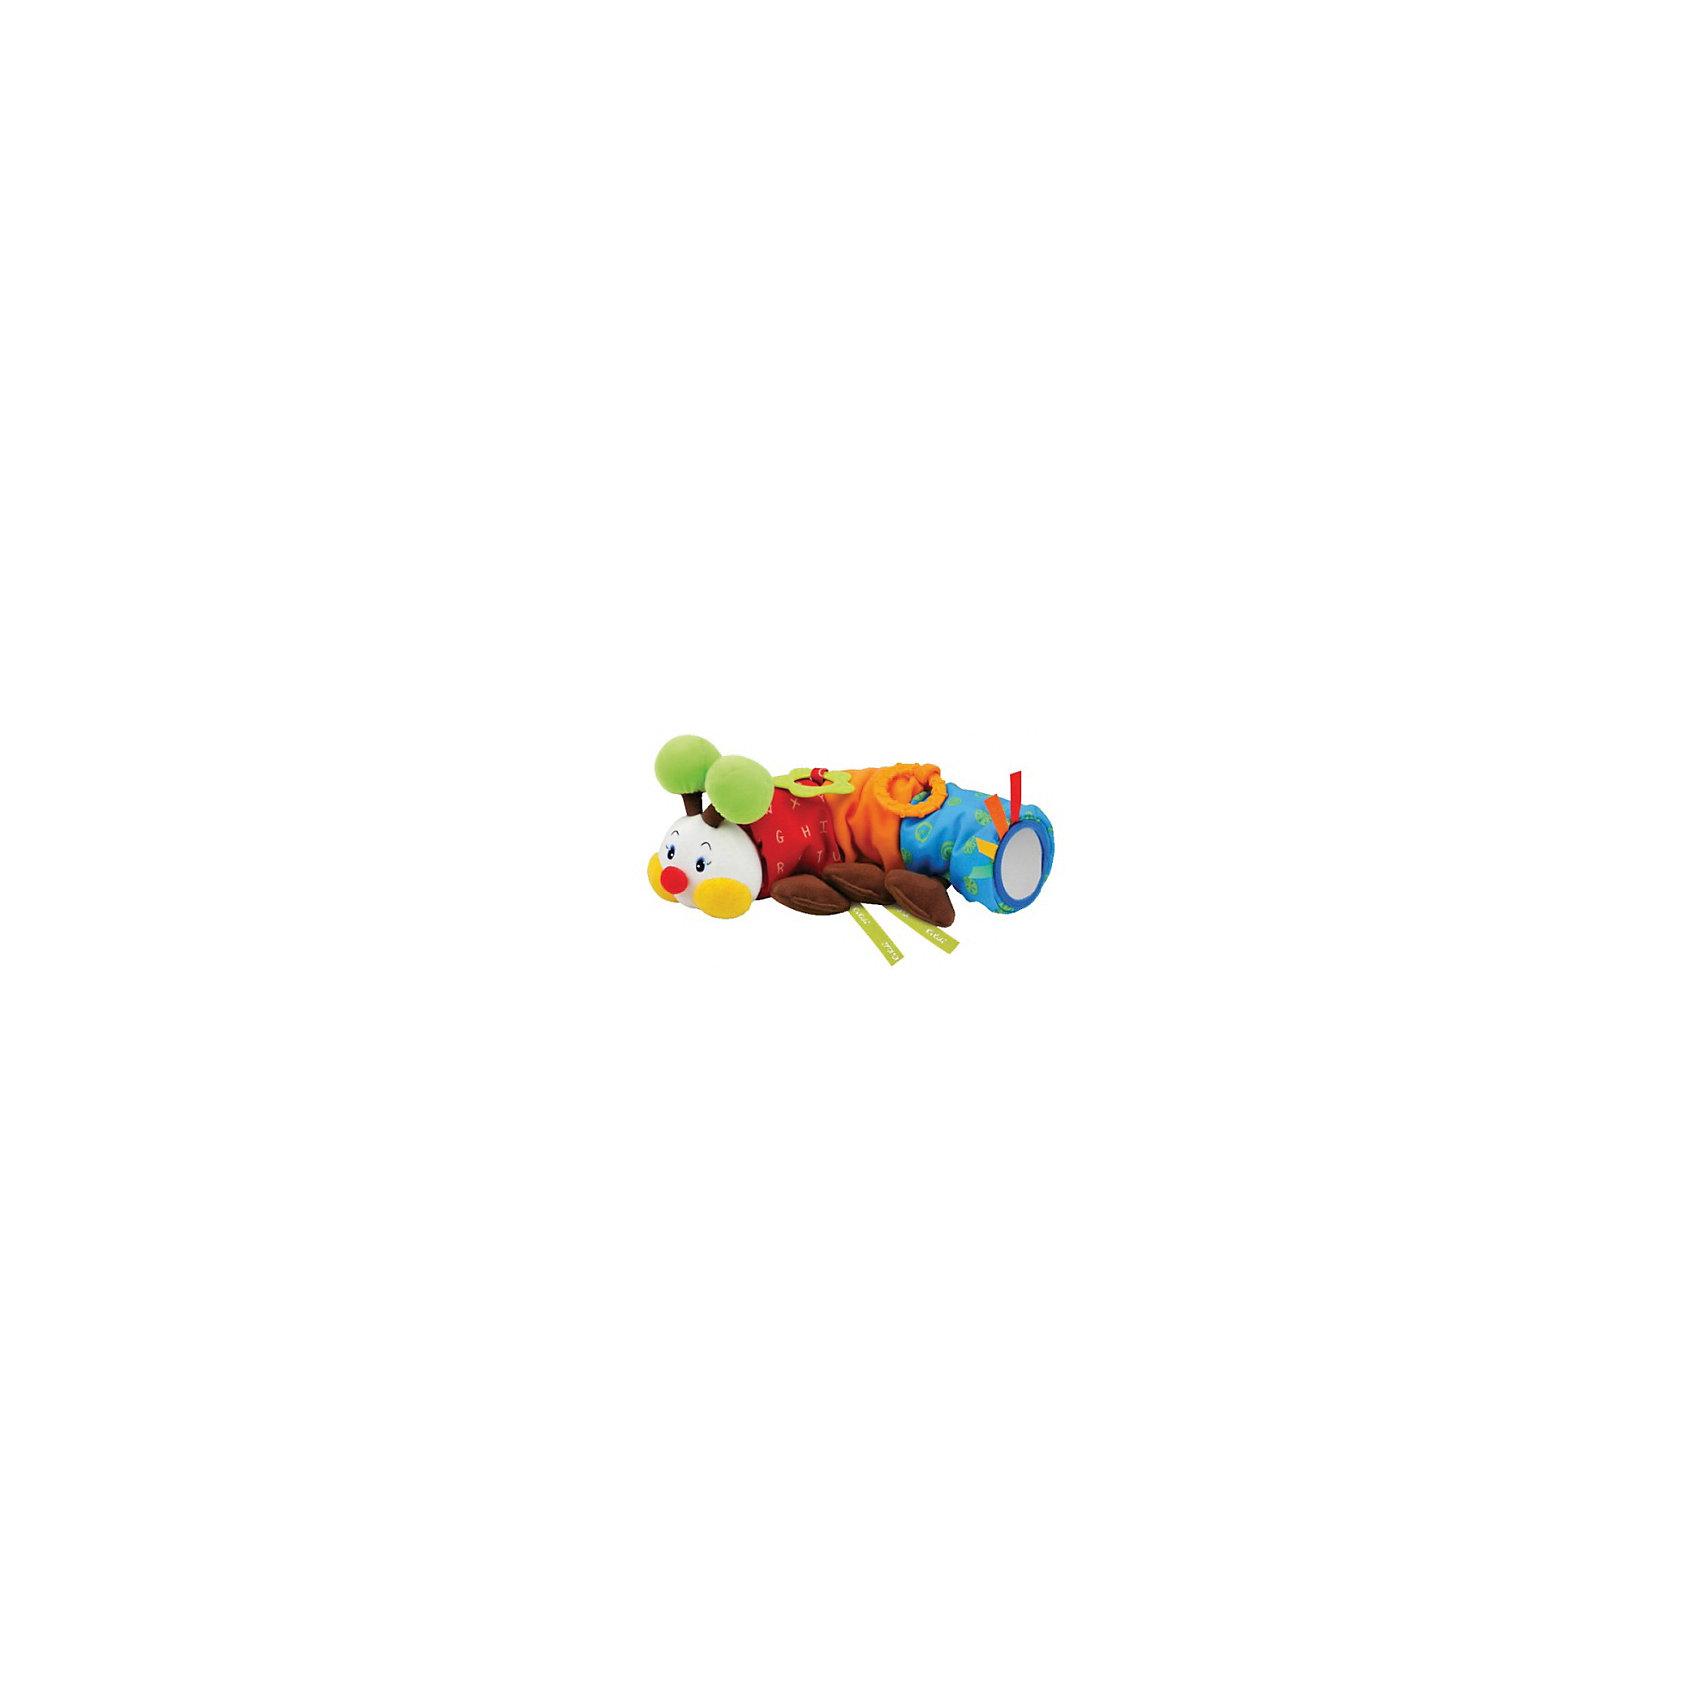 Игрушка для коляски Гусеничка, Ks KidsИгрушка для коляски Гусеничка, Ks Kids (Кс Кидс) ? развивающая яркая игрушка, предназначенная для детей с самого рождения. Удобный способ крепления (ленточки) позволяют ее использовать не только для коляски, но и для кроватки и автокресла. Разноцветные элементы и разная фактура позволяют с самых первых дней жизни малыша развивать зрительное восприятие. <br>Когда малыш подрастет, ему будут особо интересны звуковые эффекты: шуршание, бренчание, звон колокольчика. У гусенички имеются дополнительные элементы: игрушка-прорезыватель и зеркальце. У этой игрушки функционален каждый элемент ? желтые щечки и коричневые лапки шуршат, зеленые рожки ? гремят.<br>Игрушка для коляски Гусеничка, Ks Kids (Кс Кидс) создана специально для развития тактильного, зрительного и слухового восприятия. Гусеничка заменит множество других развивающих игрушек, так как она сочетает в себе все необходимые функции для раннего развития ребенка.<br><br>Дополнительная информация:<br><br>- Вид игр: развивающие<br>- Предназначение: для дома<br>- Материал: текстиль, пластик<br>- Размер: 9,5*12*30 см<br>- Вес: 250 г<br>- Комплектация: прорезыватель для зубов, зеркальце, колокольчик<br>- Особенности ухода: разрешается деликатная стирка <br><br>Подробнее:<br><br>• Для детей в возрасте: от 0 месяцев до 1 года<br>• Страна производитель: Китай<br>• Торговый бренд: Ks Kids<br><br>Игрушку для коляски Гусеничка, Ks Kids (Кс Кидс) можно купить в нашем интернет-магазине.<br><br>Ширина мм: 95<br>Глубина мм: 120<br>Высота мм: 300<br>Вес г: 355<br>Возраст от месяцев: 0<br>Возраст до месяцев: 12<br>Пол: Унисекс<br>Возраст: Детский<br>SKU: 4790450